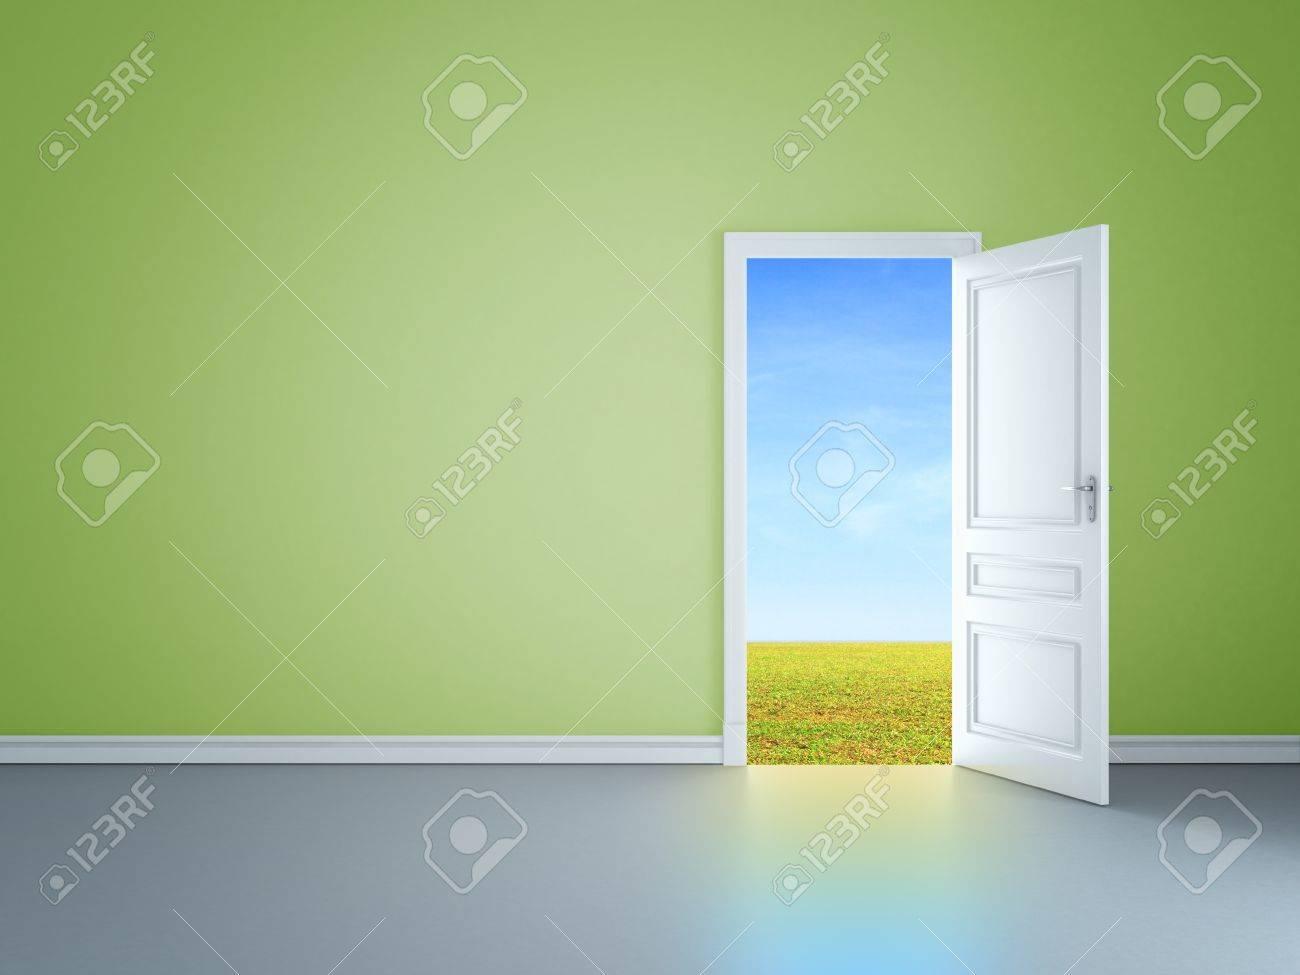 green room with an open door in field Stock Photo - 14206187